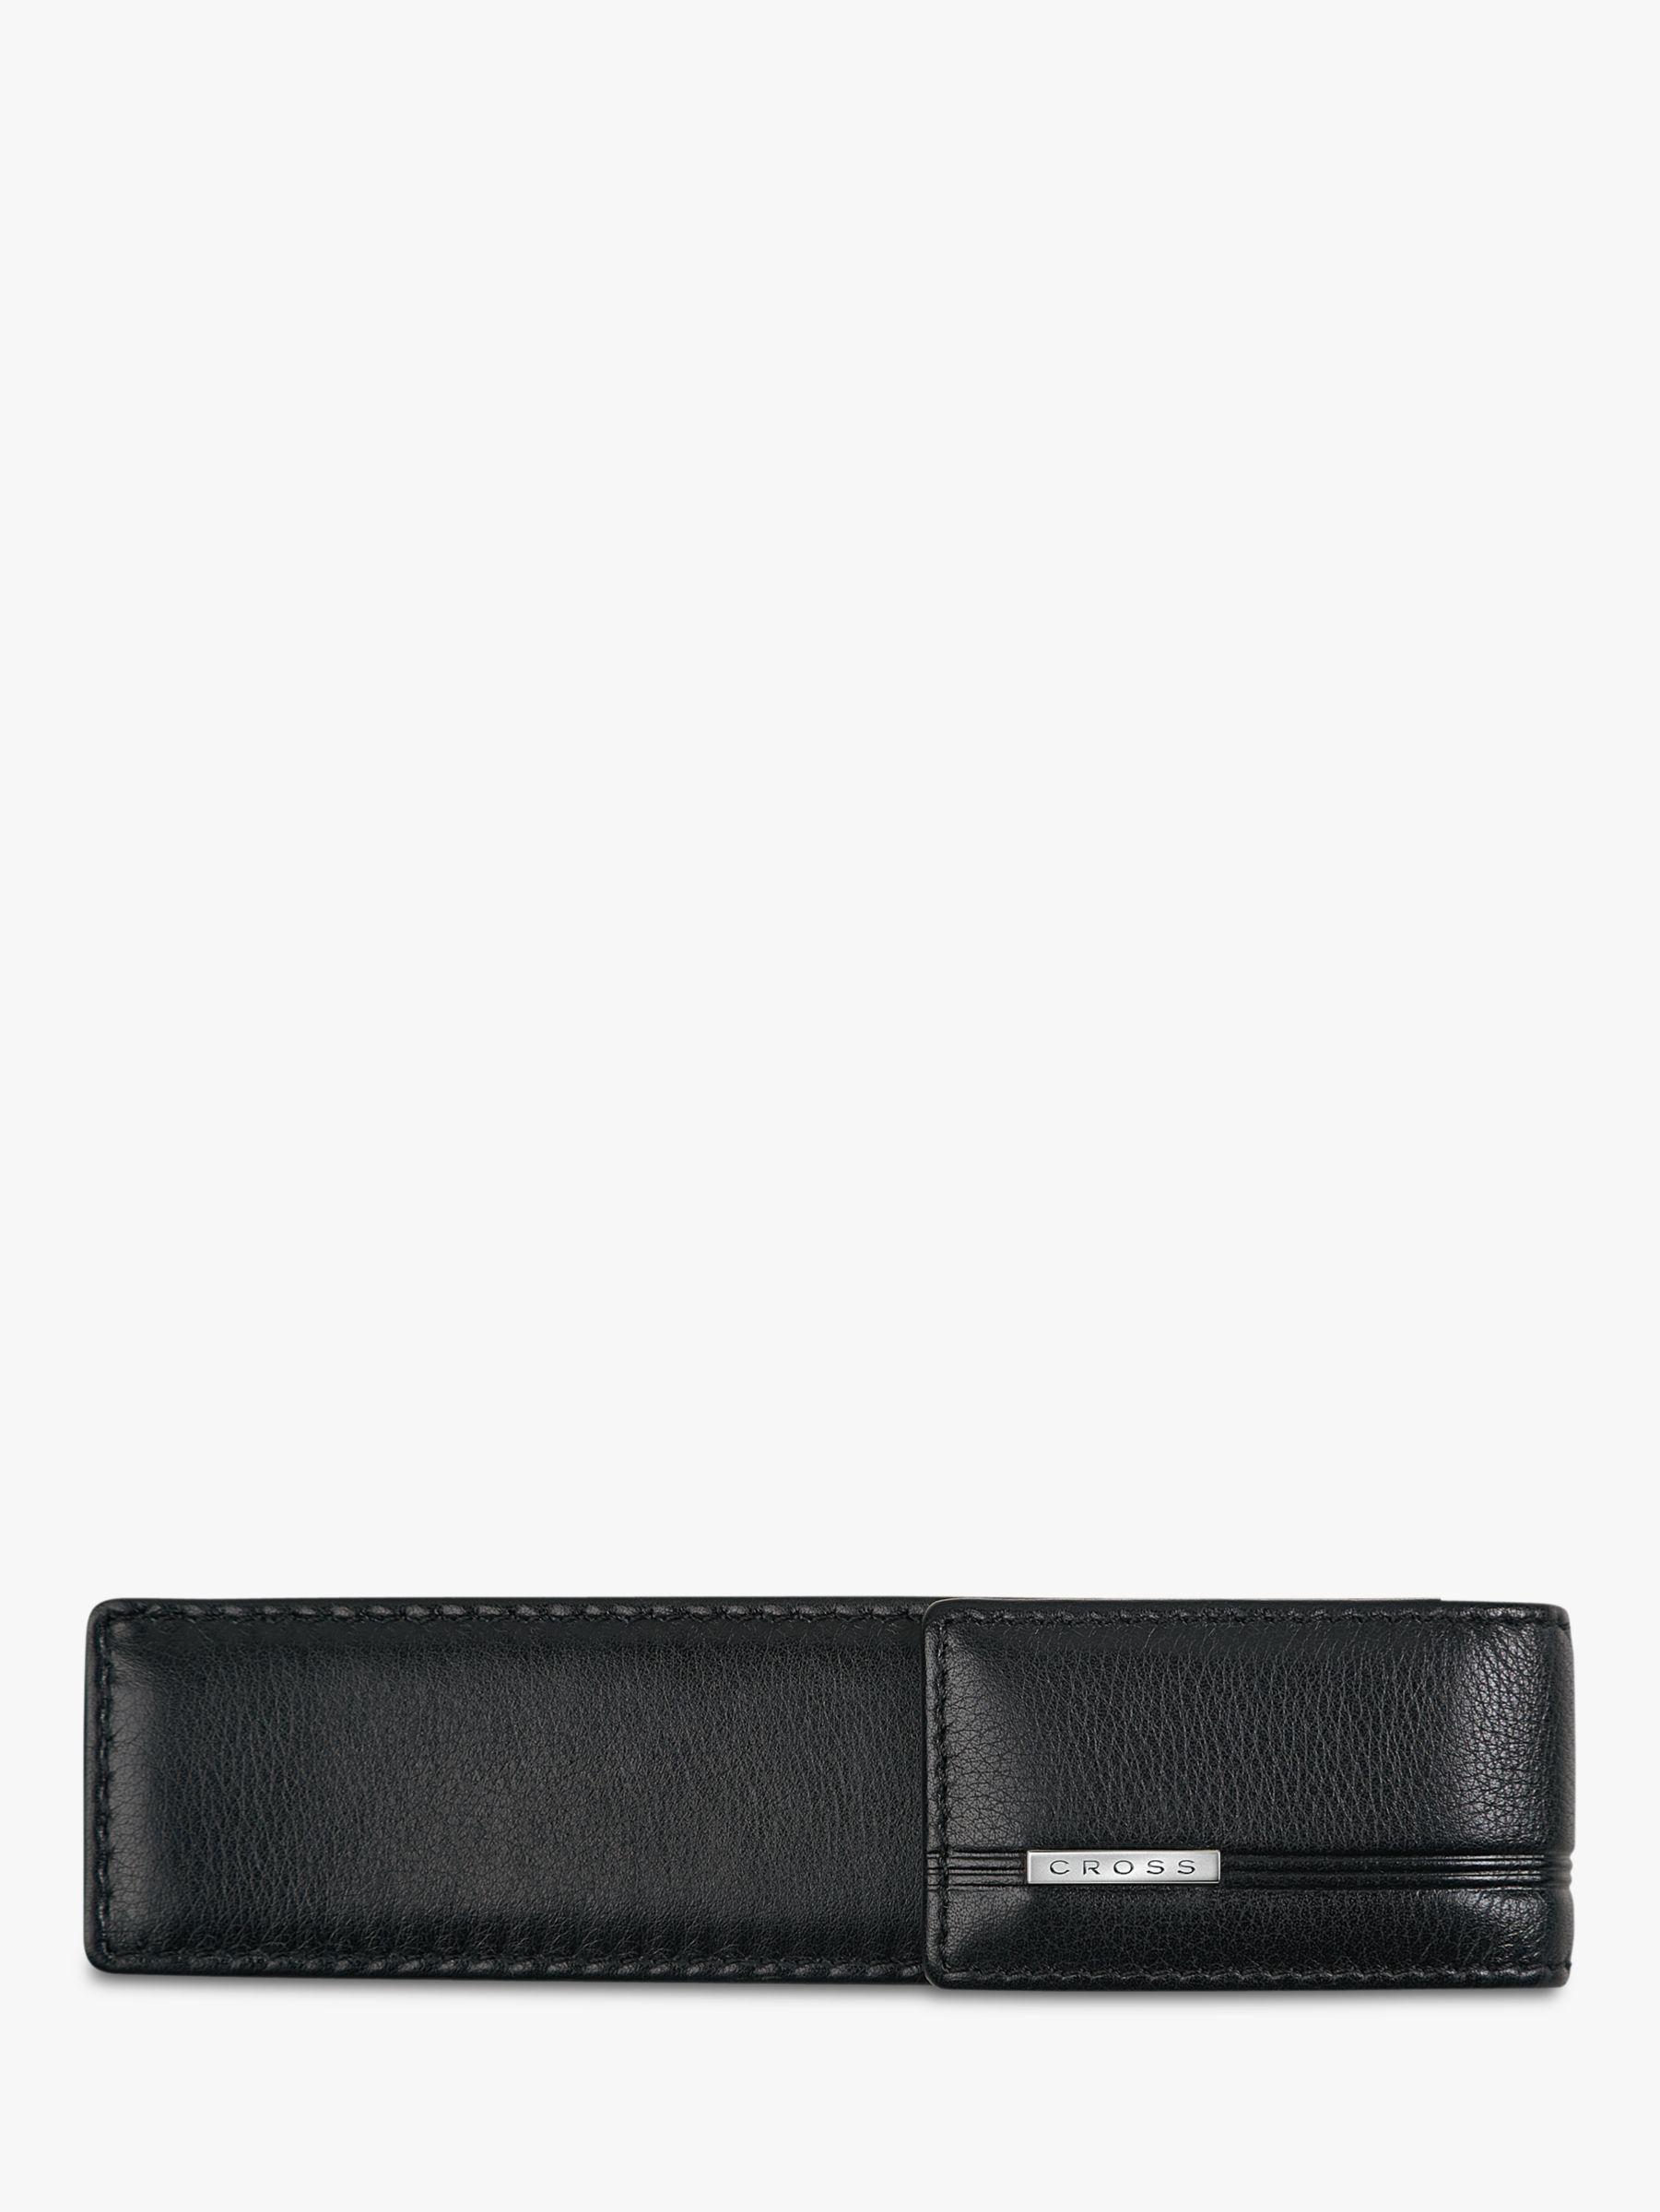 Cross Cross Leather Double Pen Case, Black